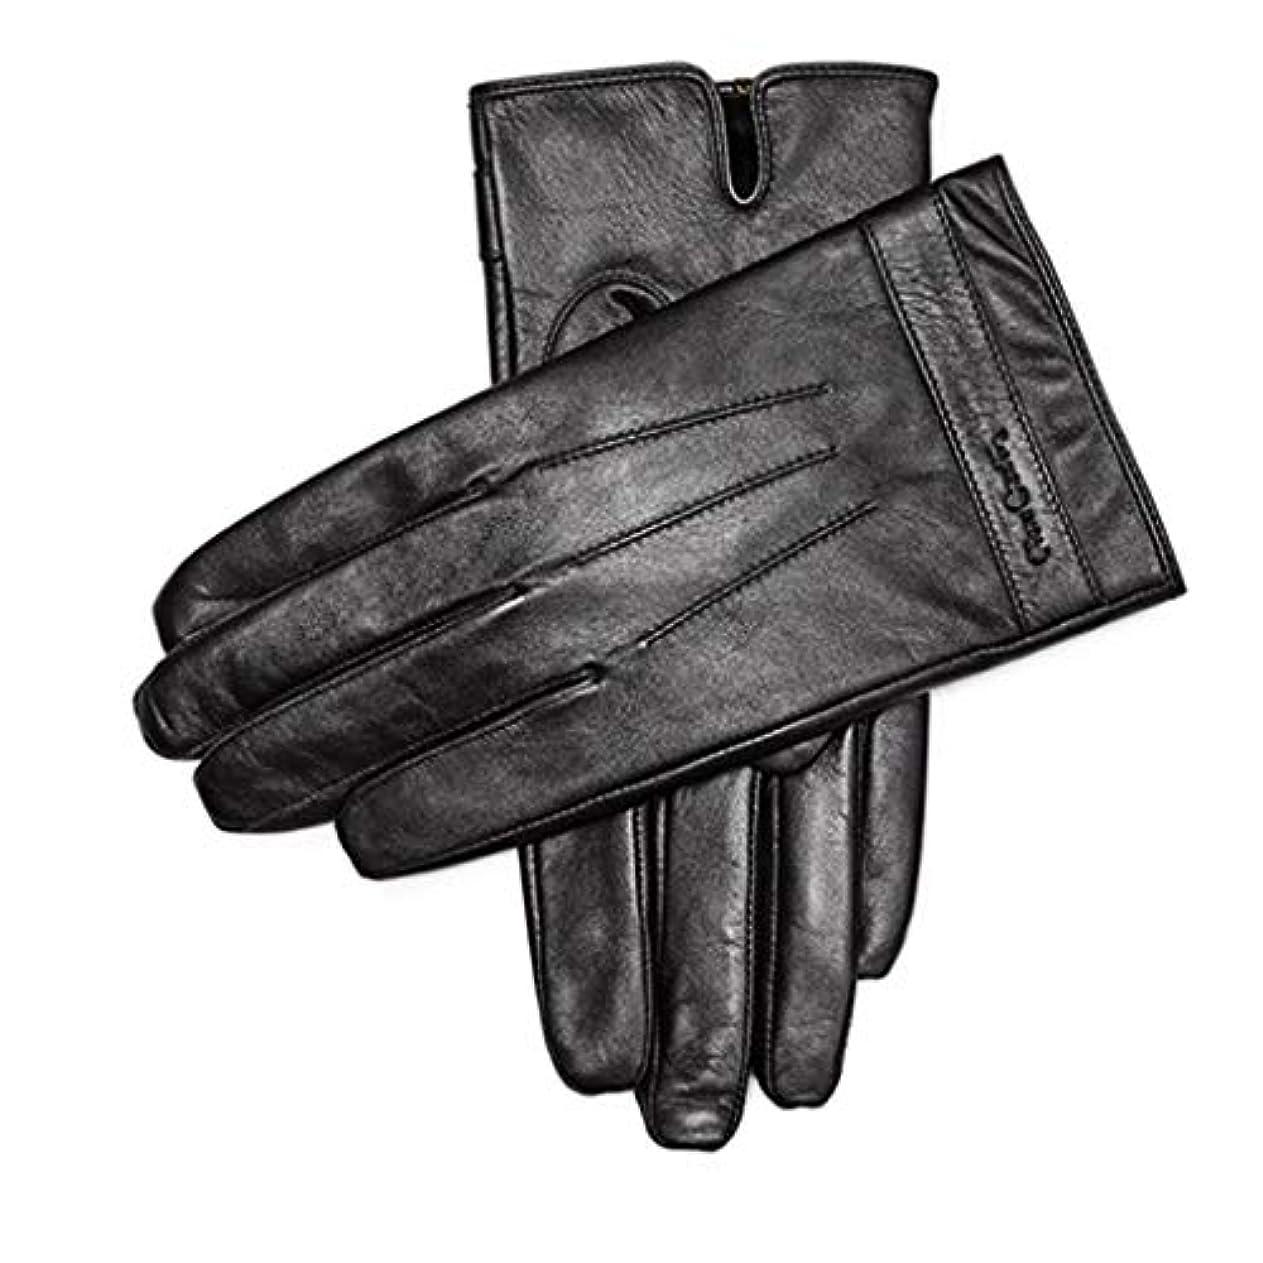 失われた不規則性ゴージャス手袋暖かい肥厚プラスベルベットメンズシープスキン手袋メンズウィンターアンチスキッドサイクリングレザーグローブタッチスクリーンモデル(883191170-1厚いベルベット)L(175 / 65-70KG)